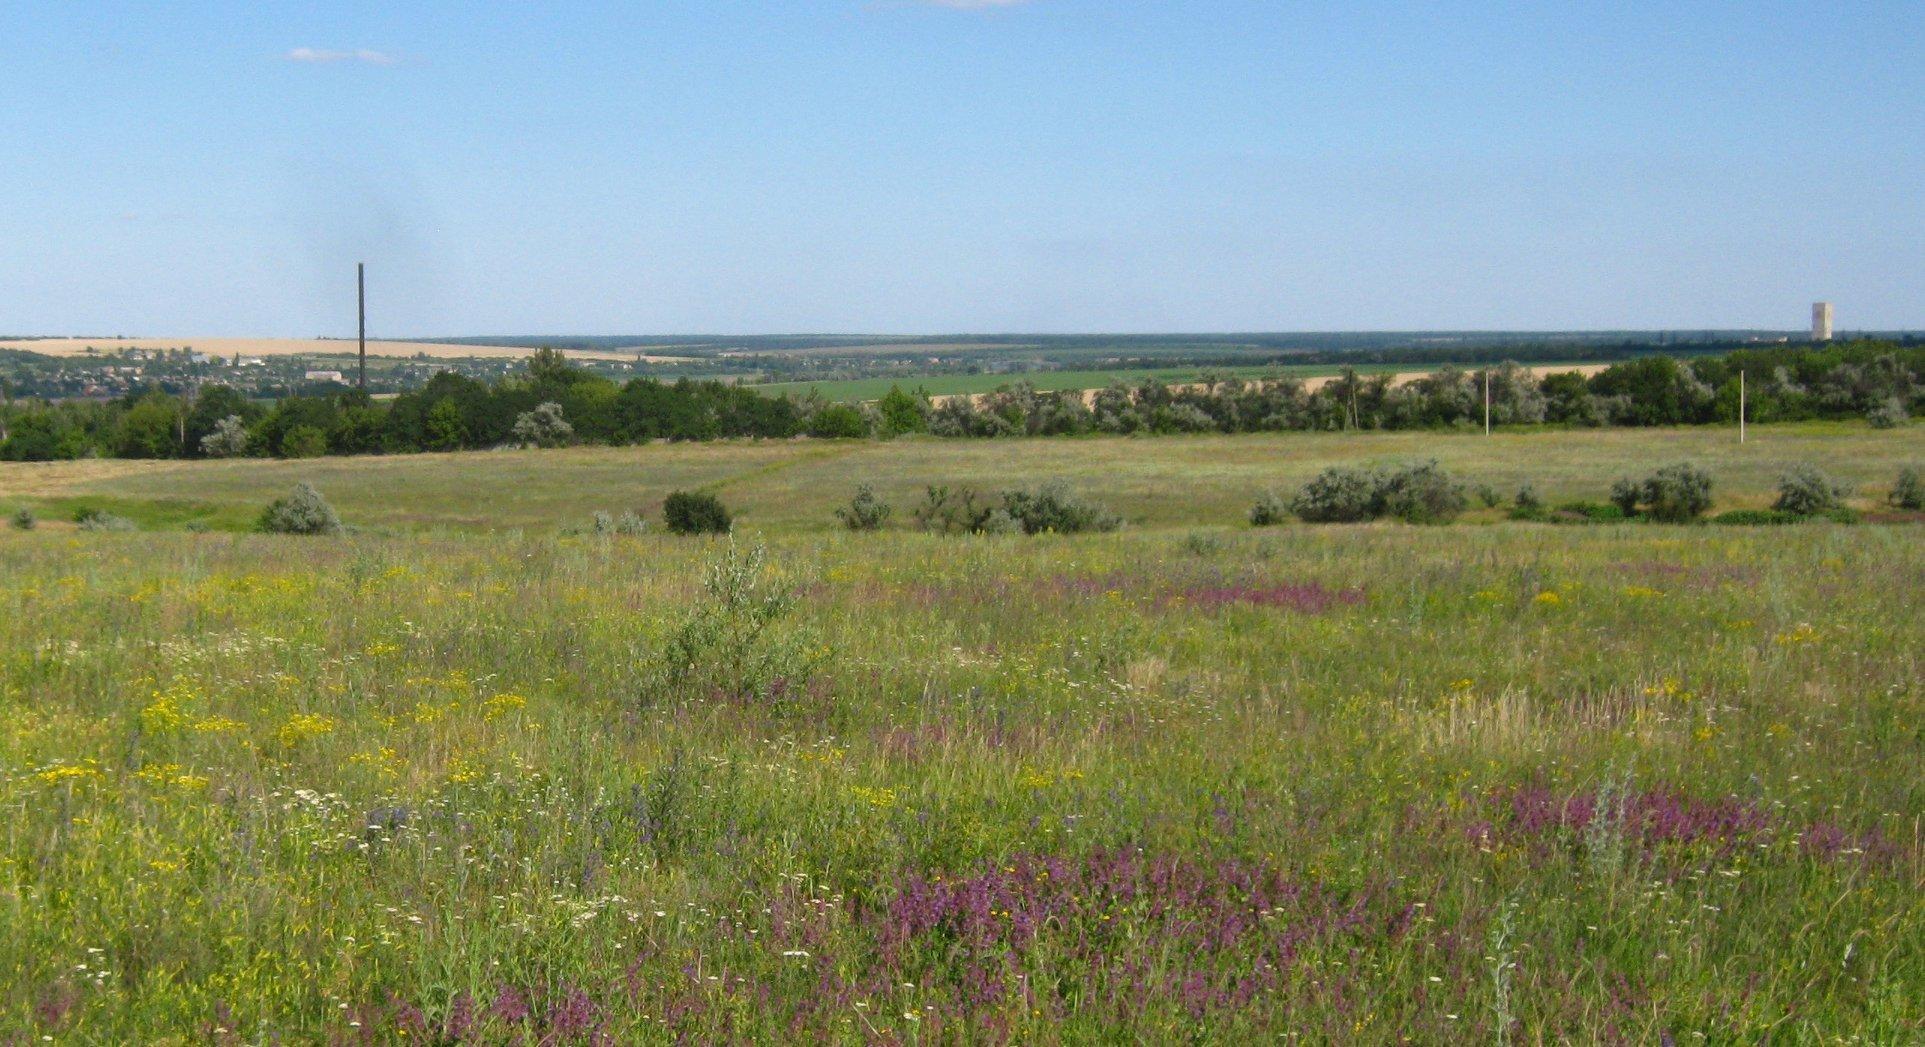 степь зеленая трава разнотравье естественній ландшафт живая природа